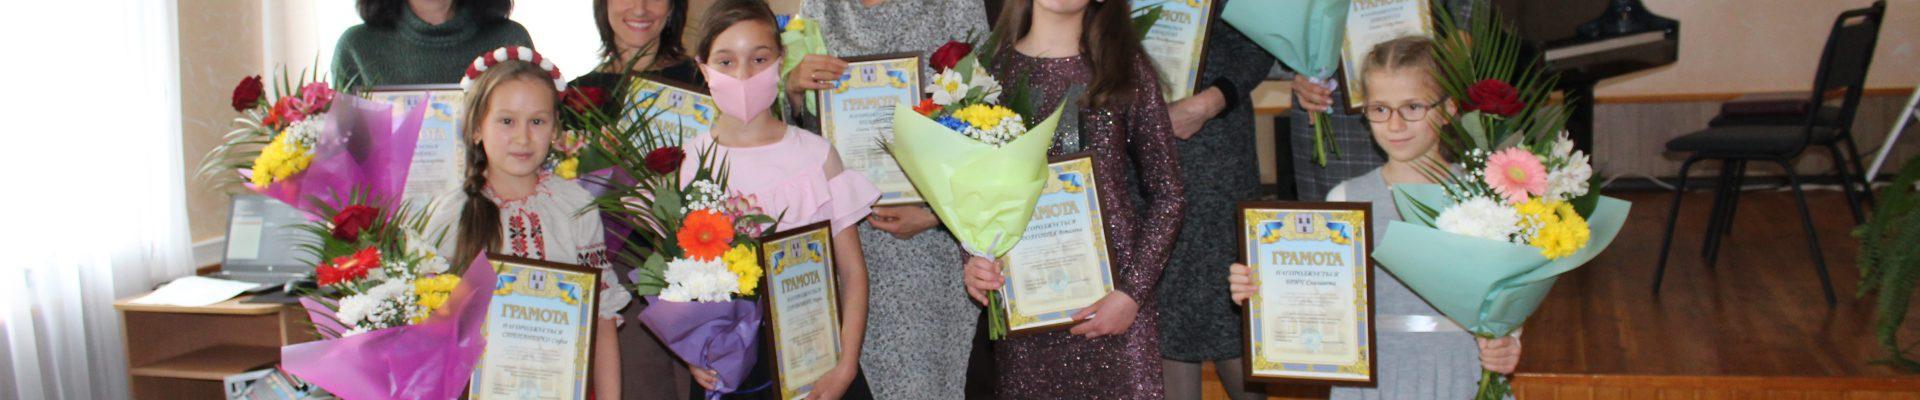 У Сумському районі відзначили Всеукраїнський день бібліотек та Міжнародний день музики